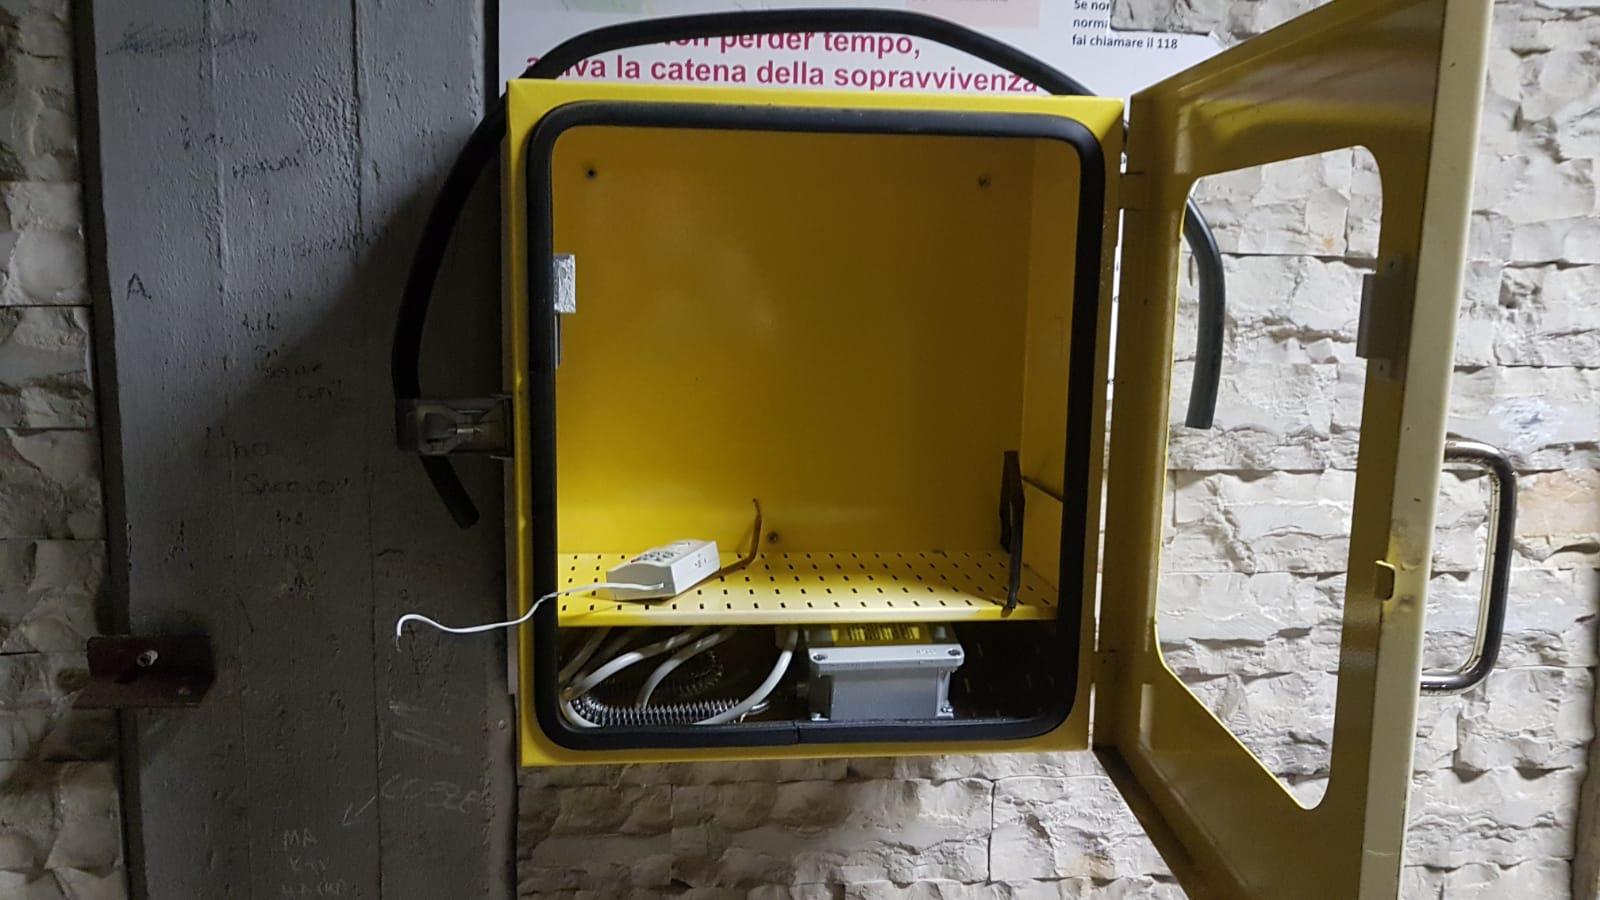 Defibrillatore vandalizzato in pieno centro: presentata denuncia contro ignoti